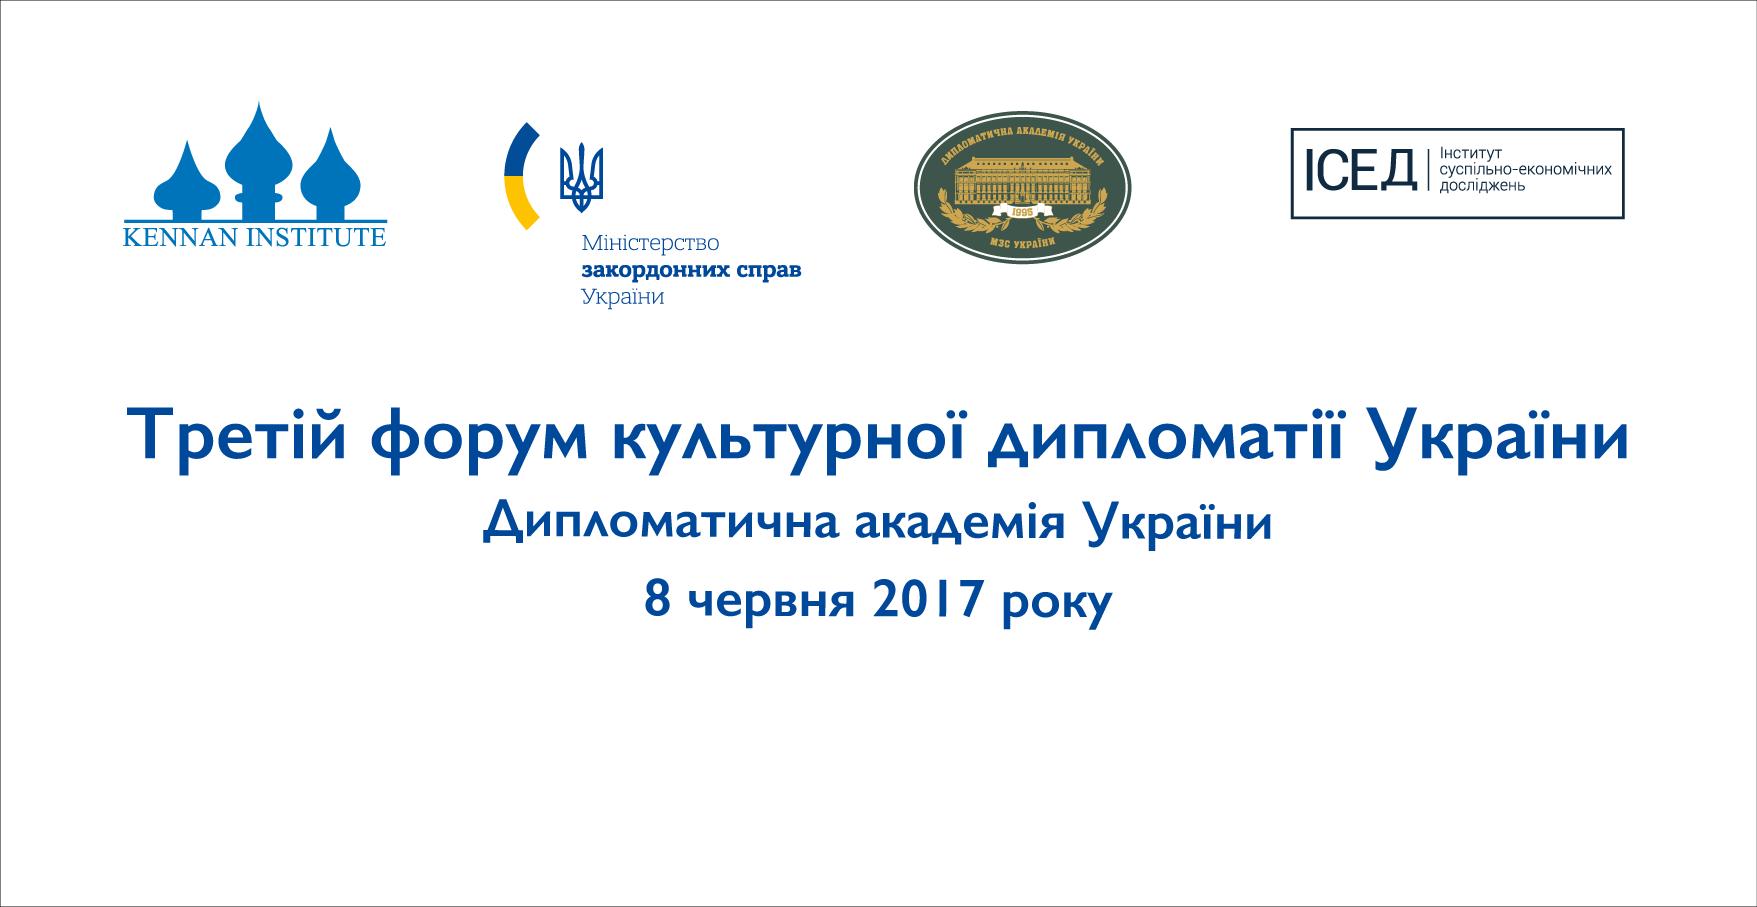 Розпочалася реєстрація на участь у Третьому форумі культурної дипломатії